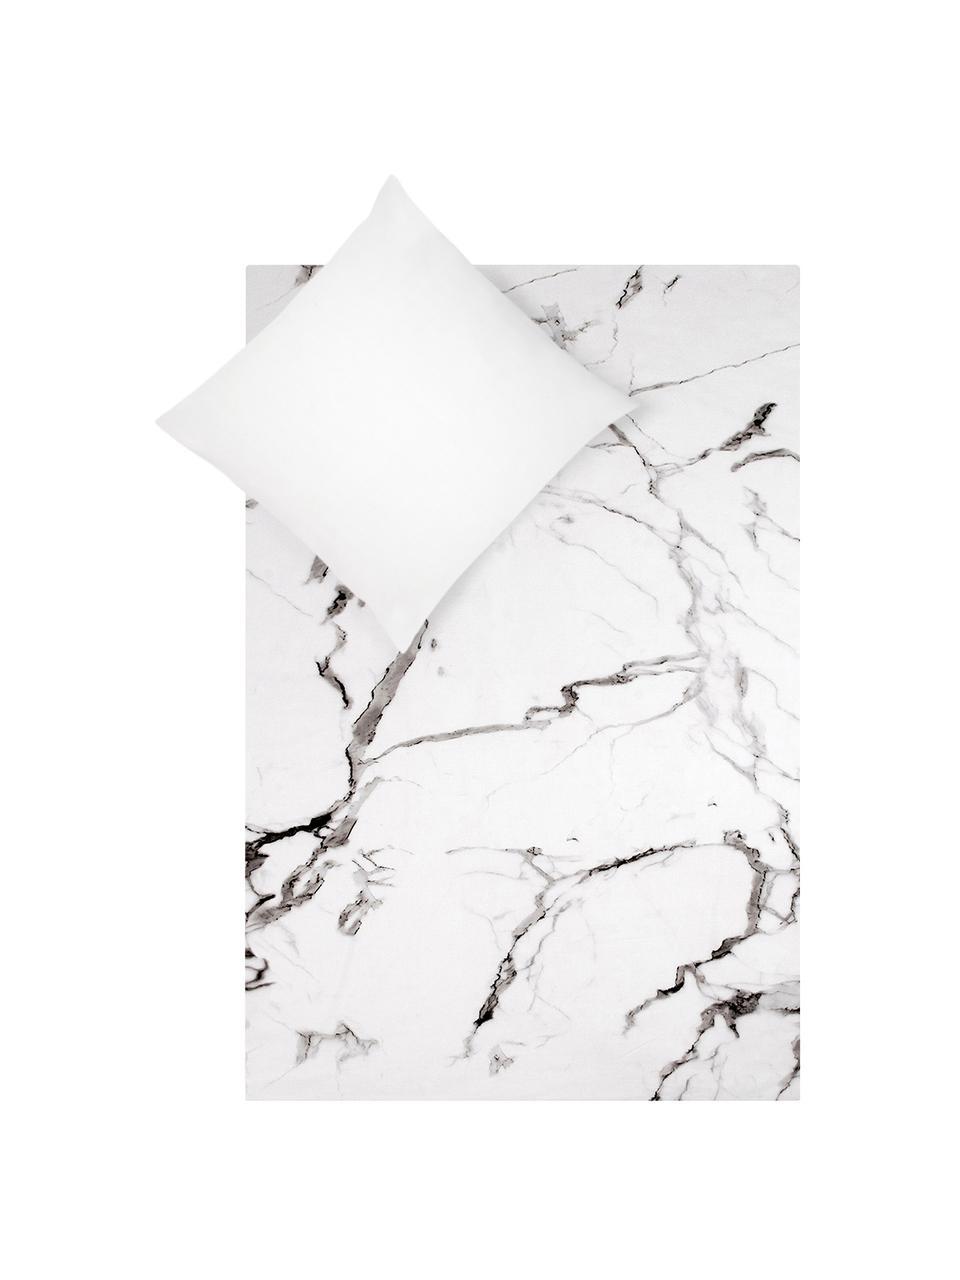 Povlečení z bavlněného perkálu smramorovaným vzorem Malin, Přední strana: mramorový vzor, šedá Zadní strana: světle šedá, monochromatická